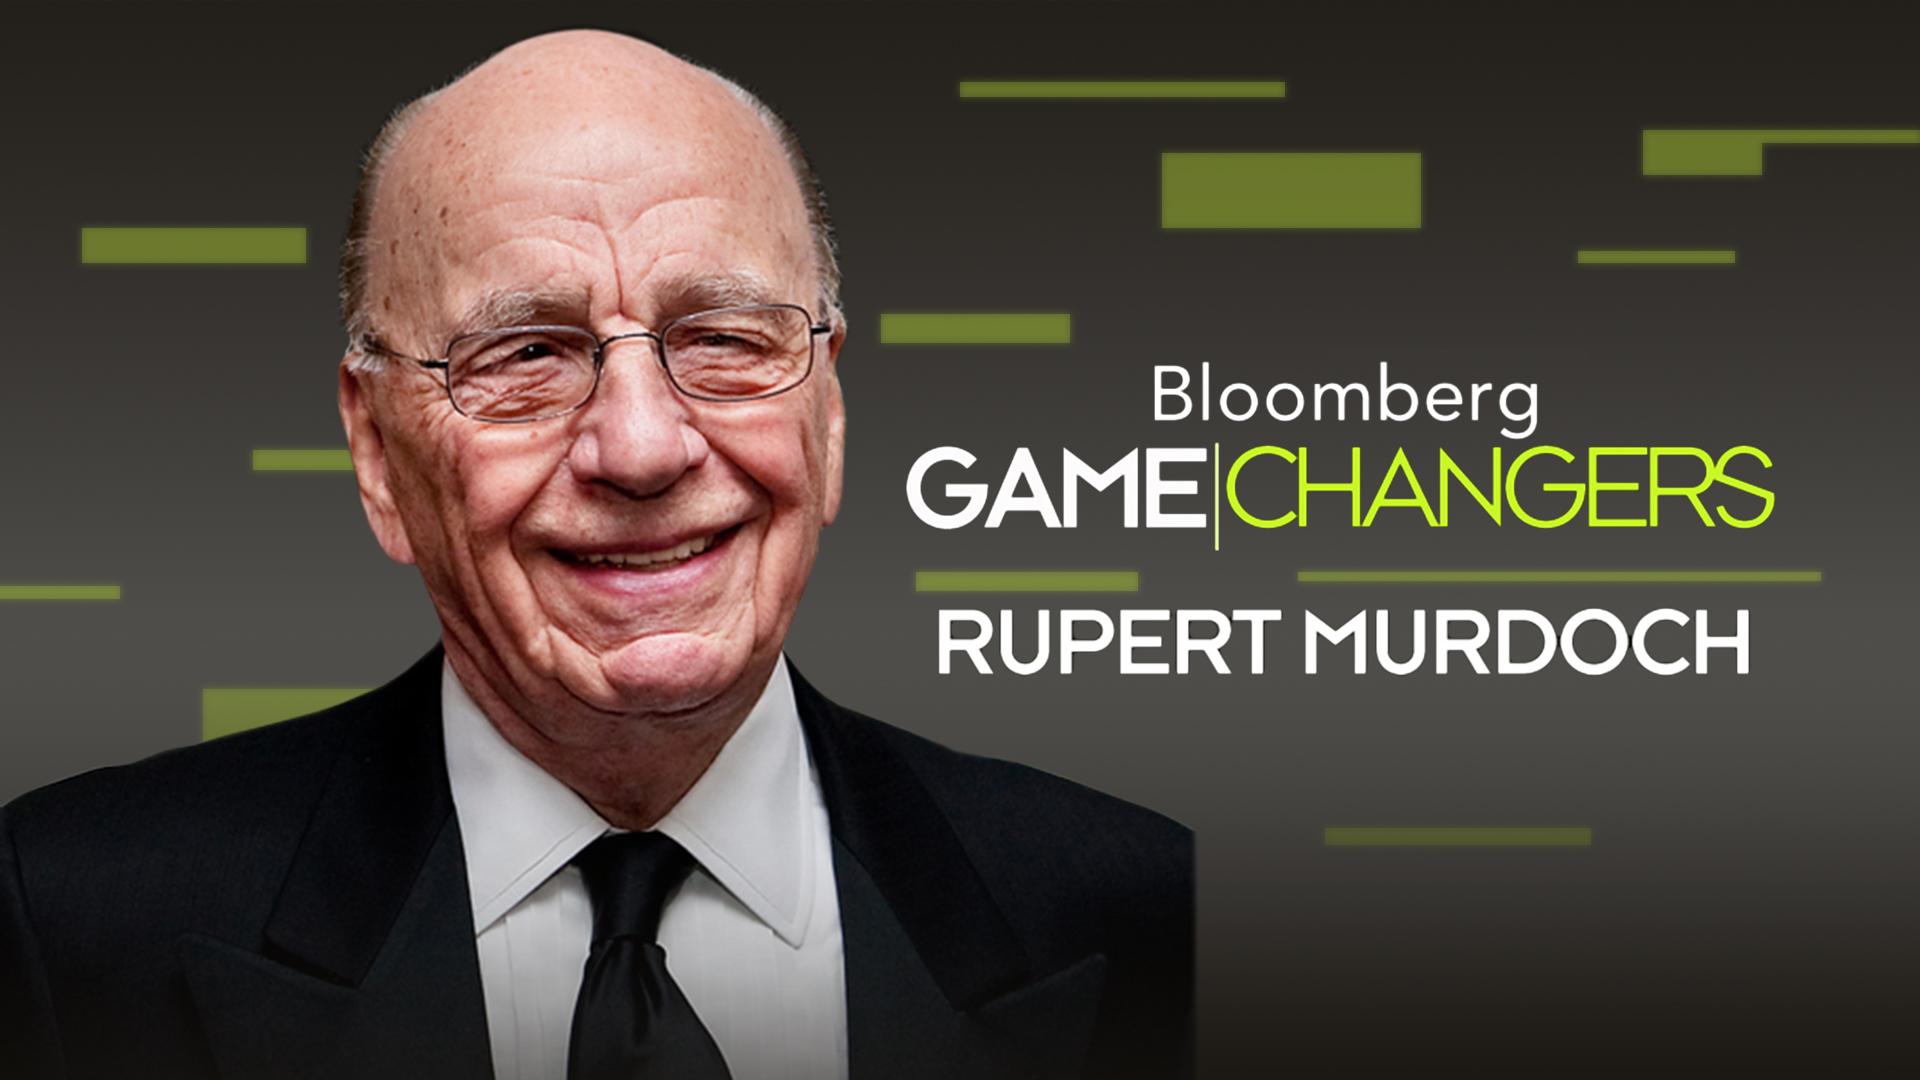 Bloomberg Game Changers: Rupert Murdoch